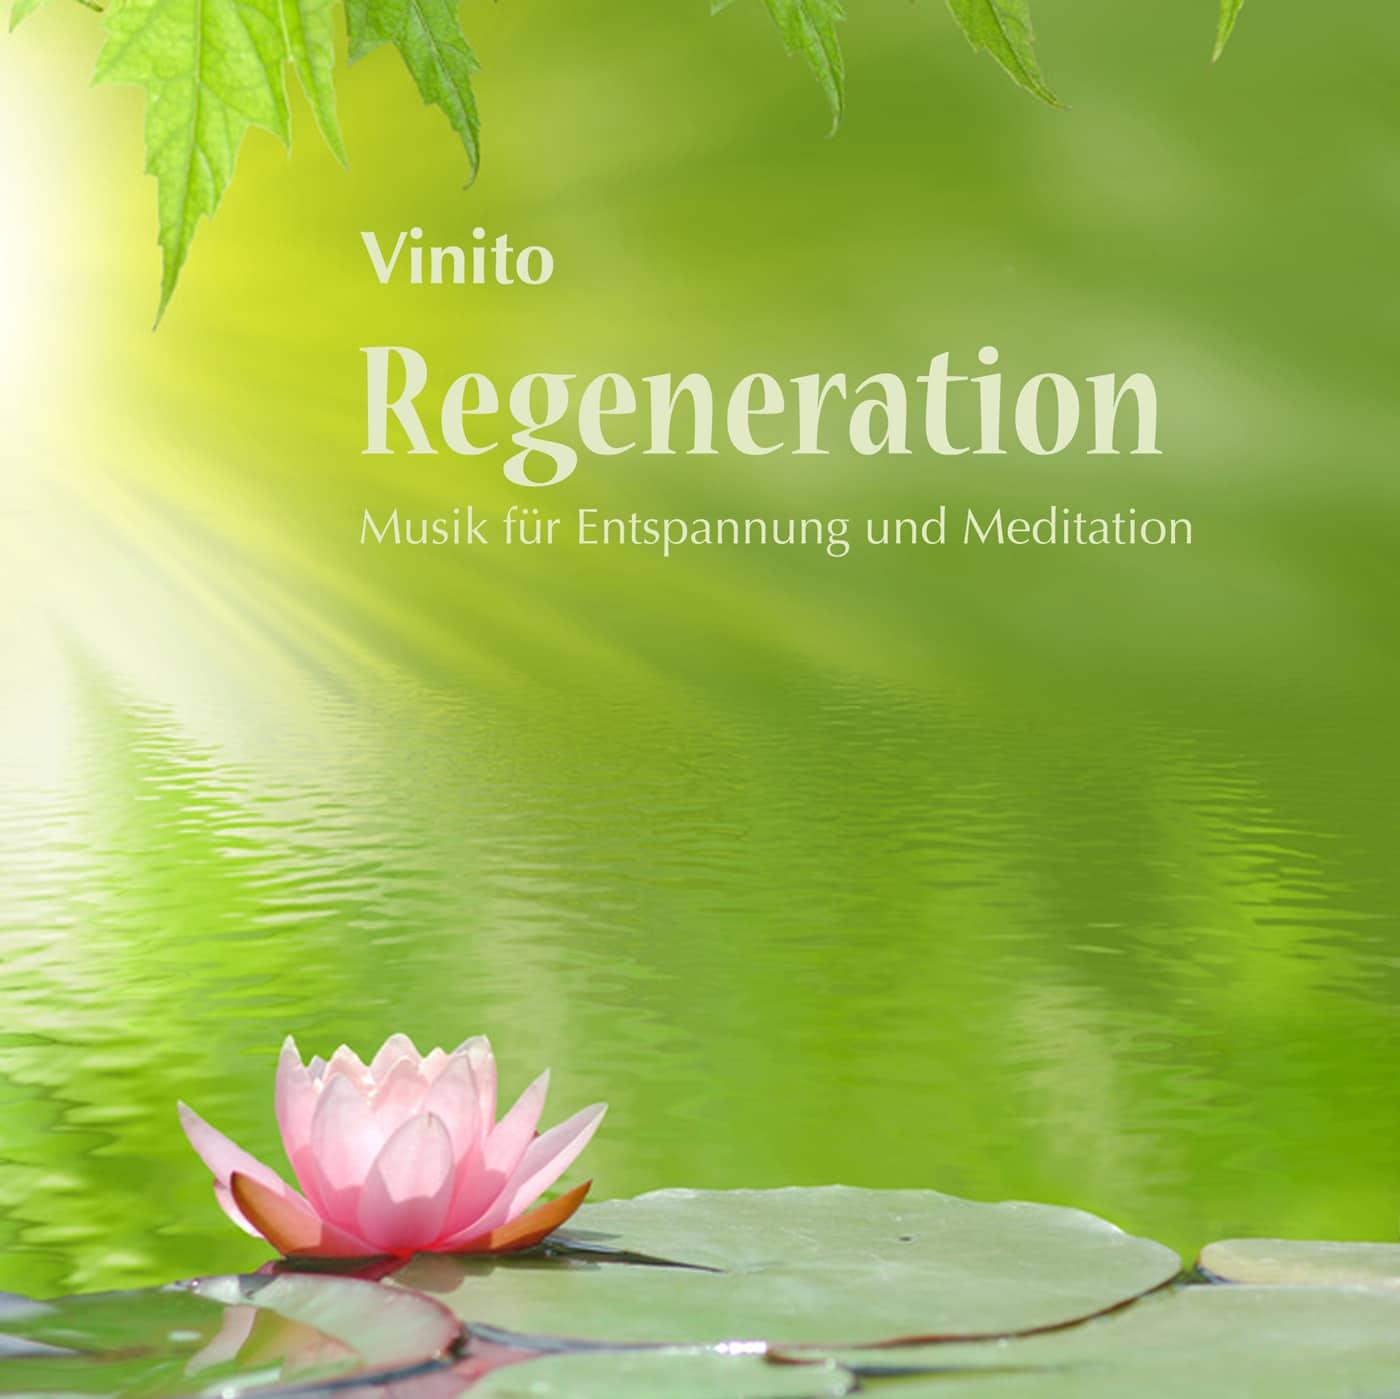 Regeneration, Musik für Entspannung und Meditation